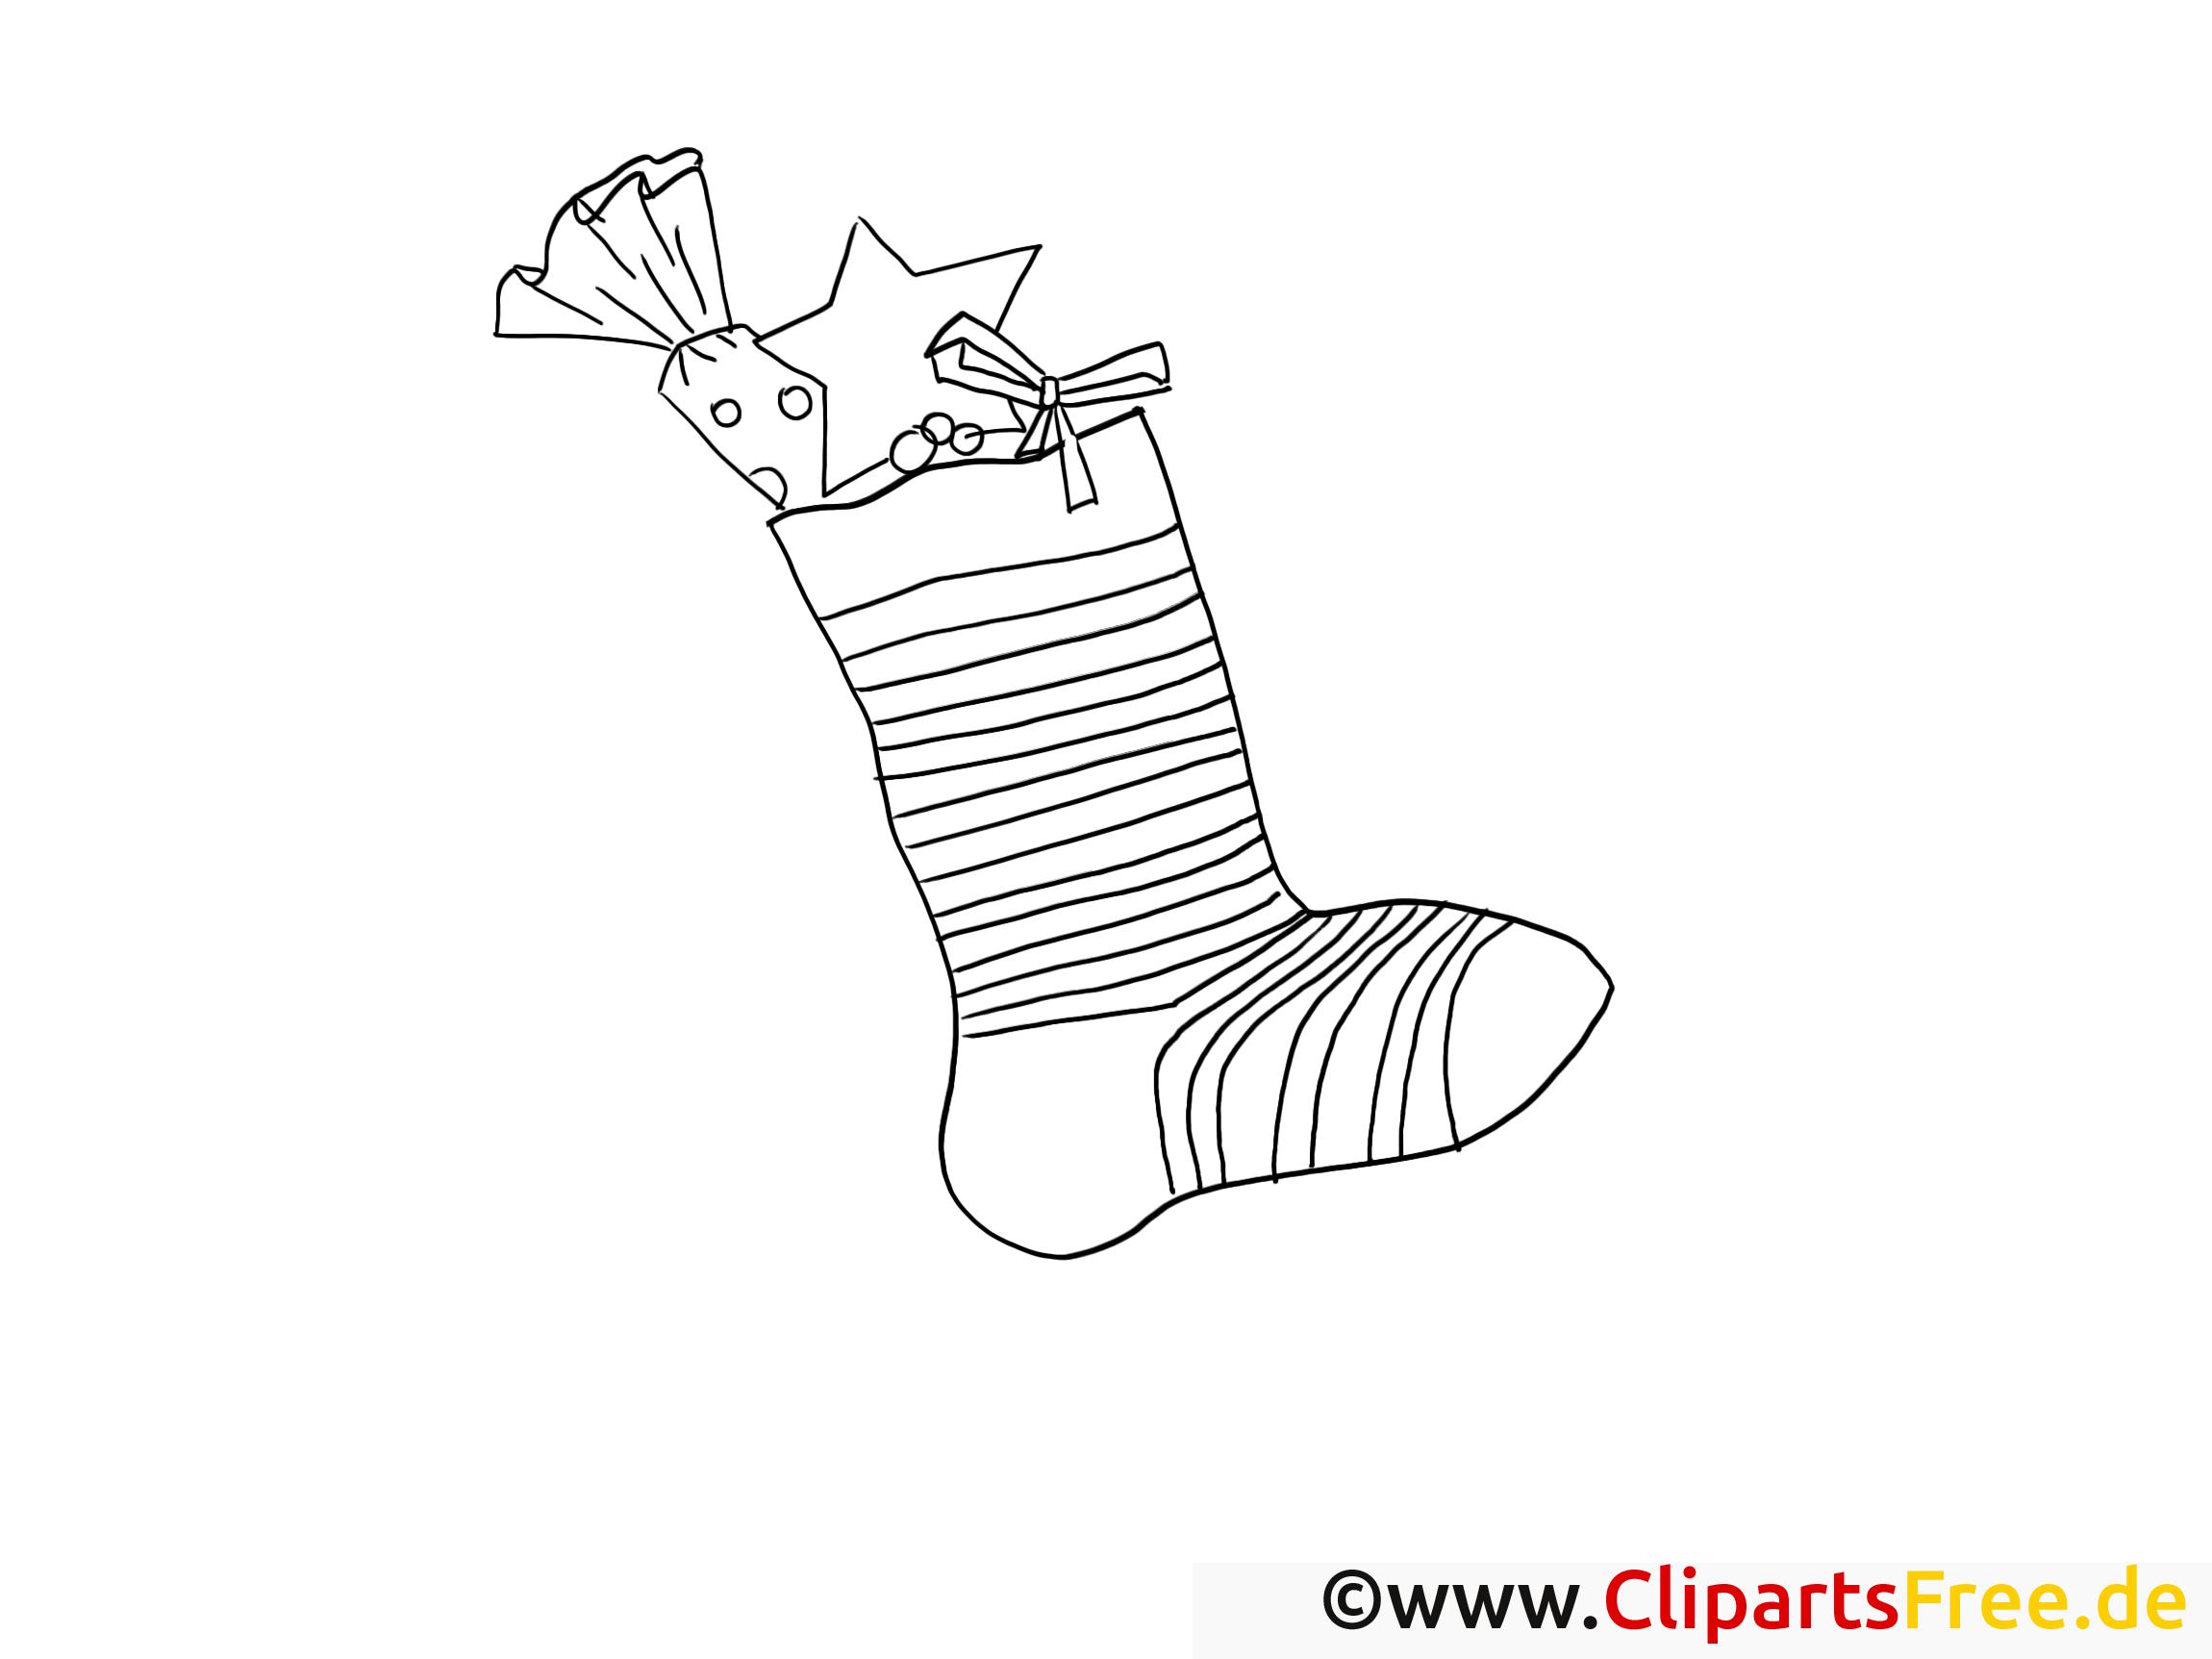 Chaussette clipart – Avent dessins à colorier